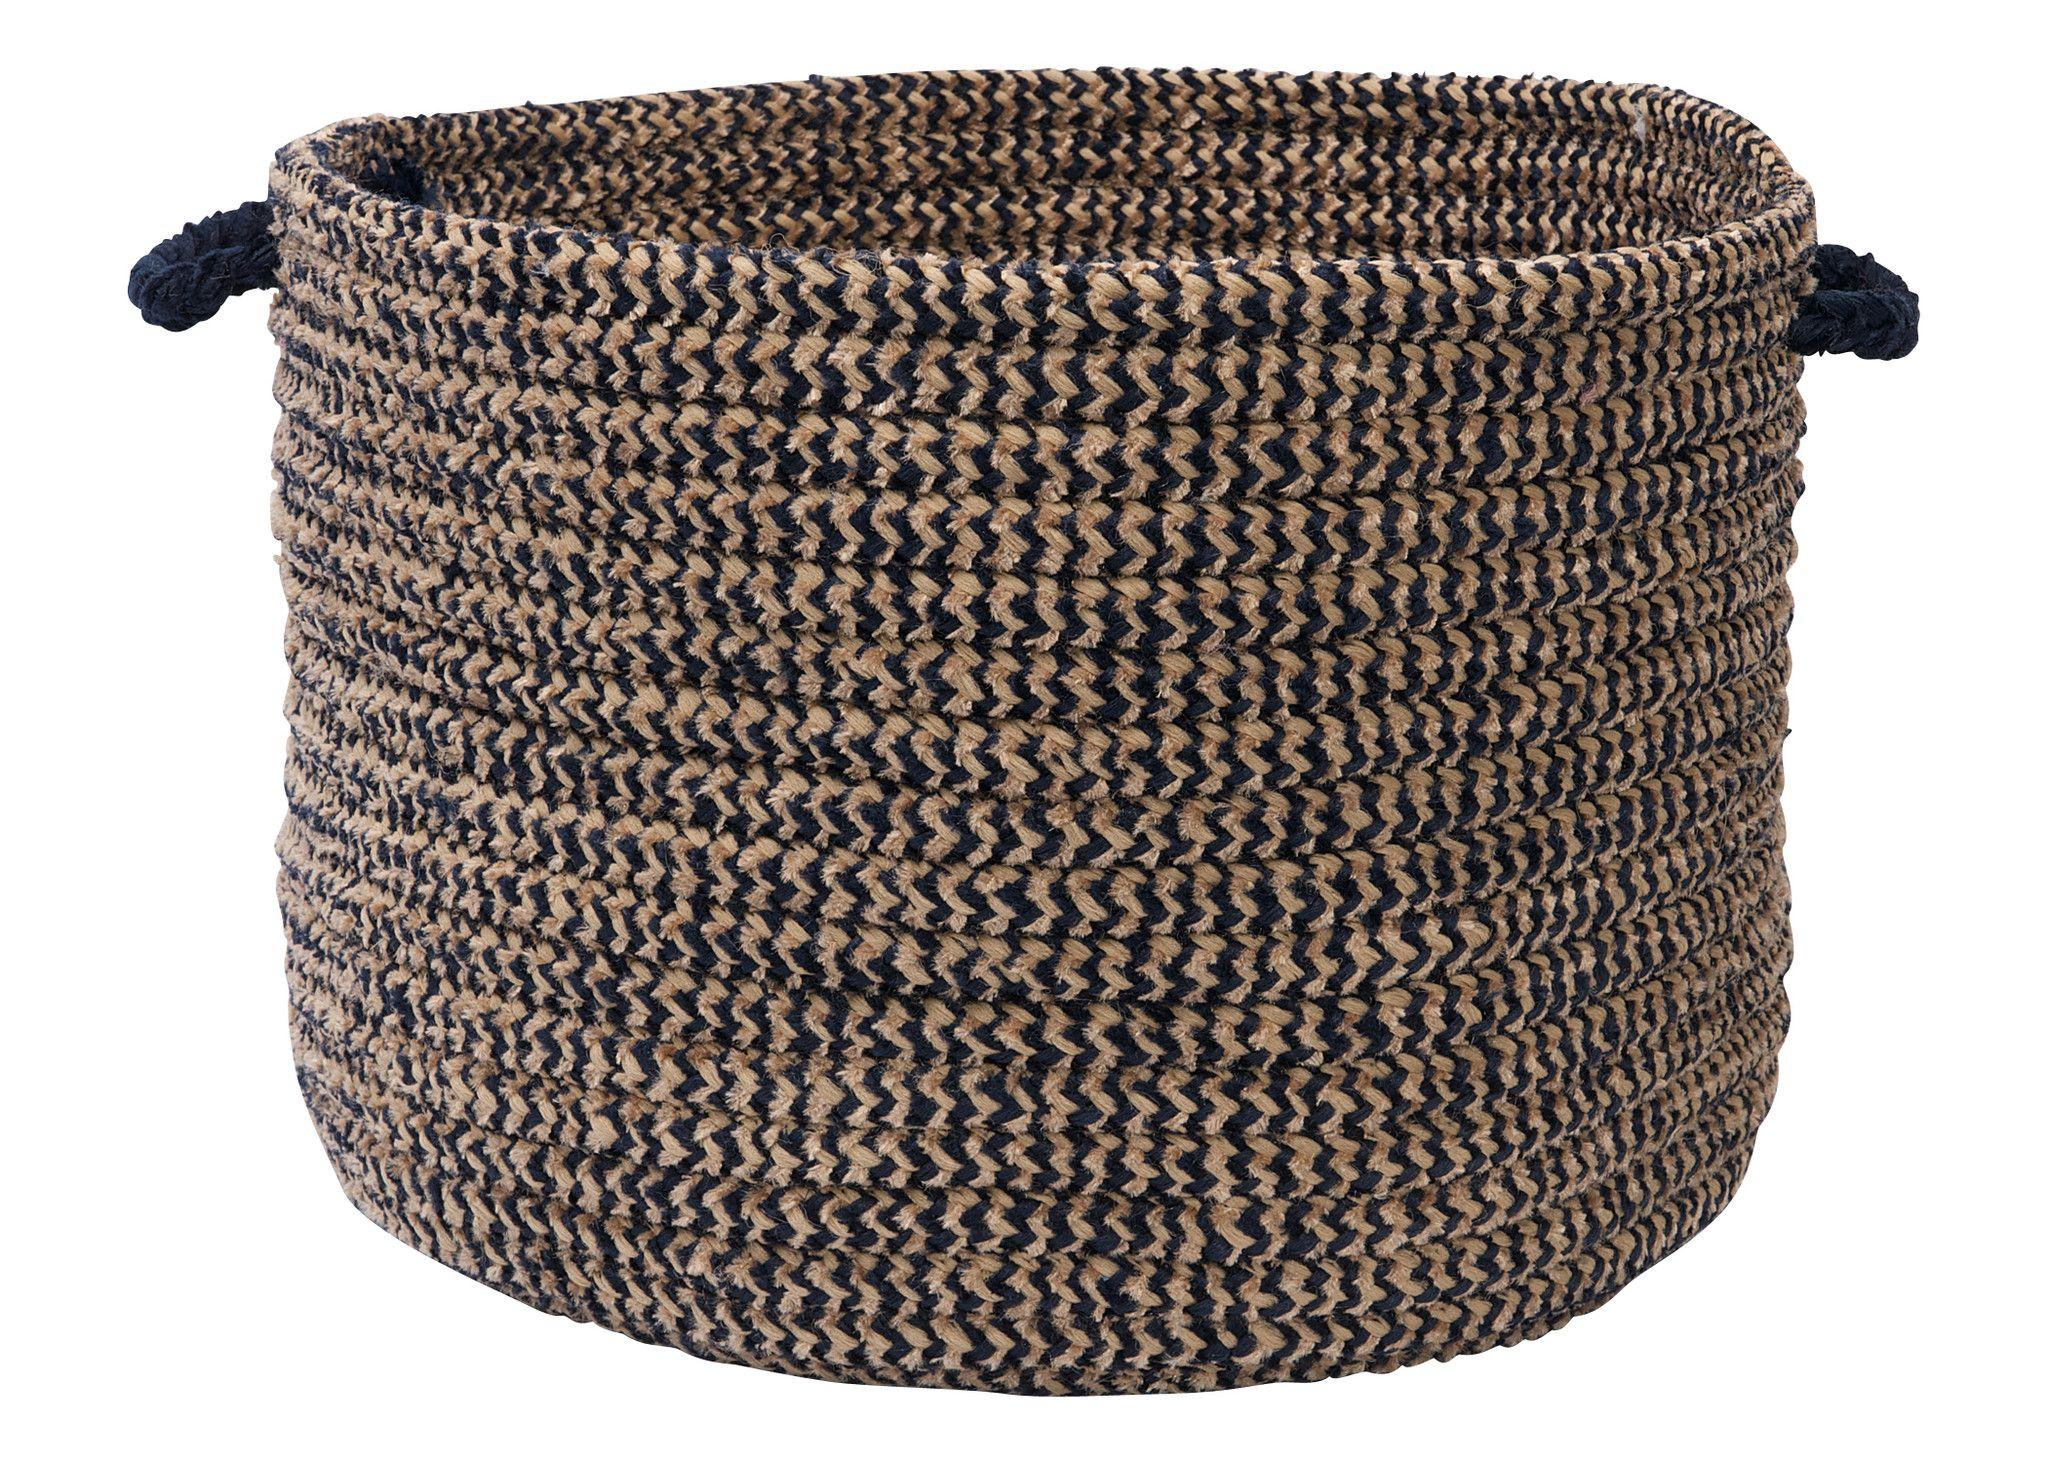 Softex Check Indoor Outdoor Round Braided Utility Storage Basket, Navy Blue  U0026 Tan